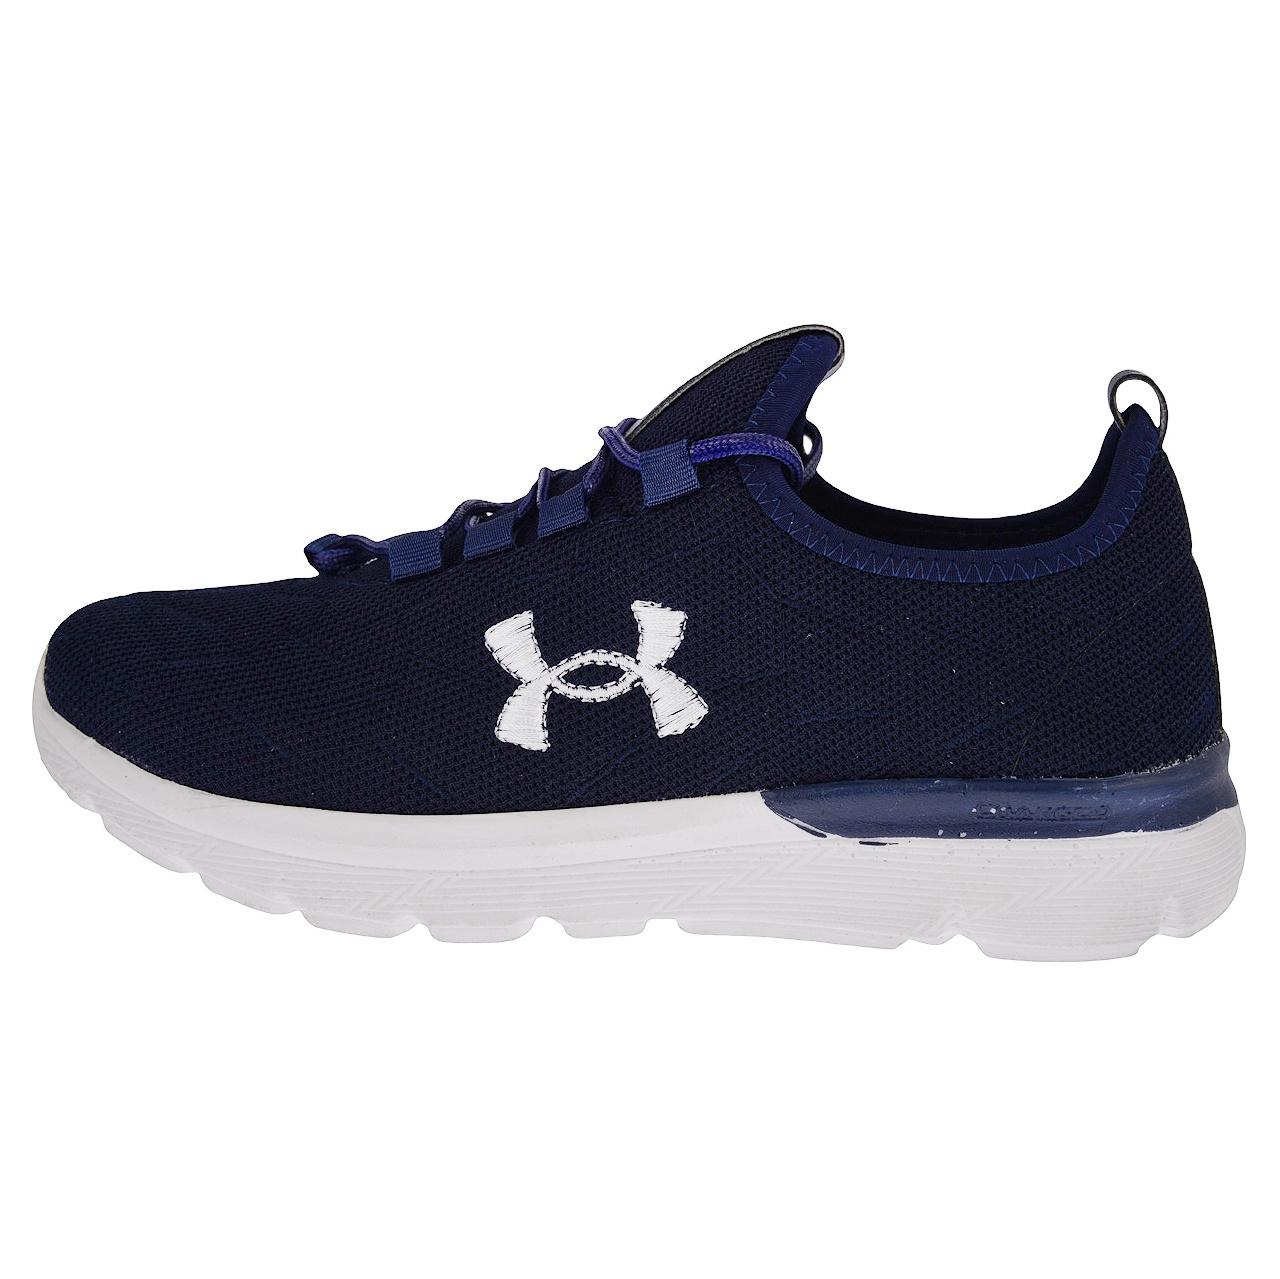 کفش مخصوص دویدن مردانه کد 351002414